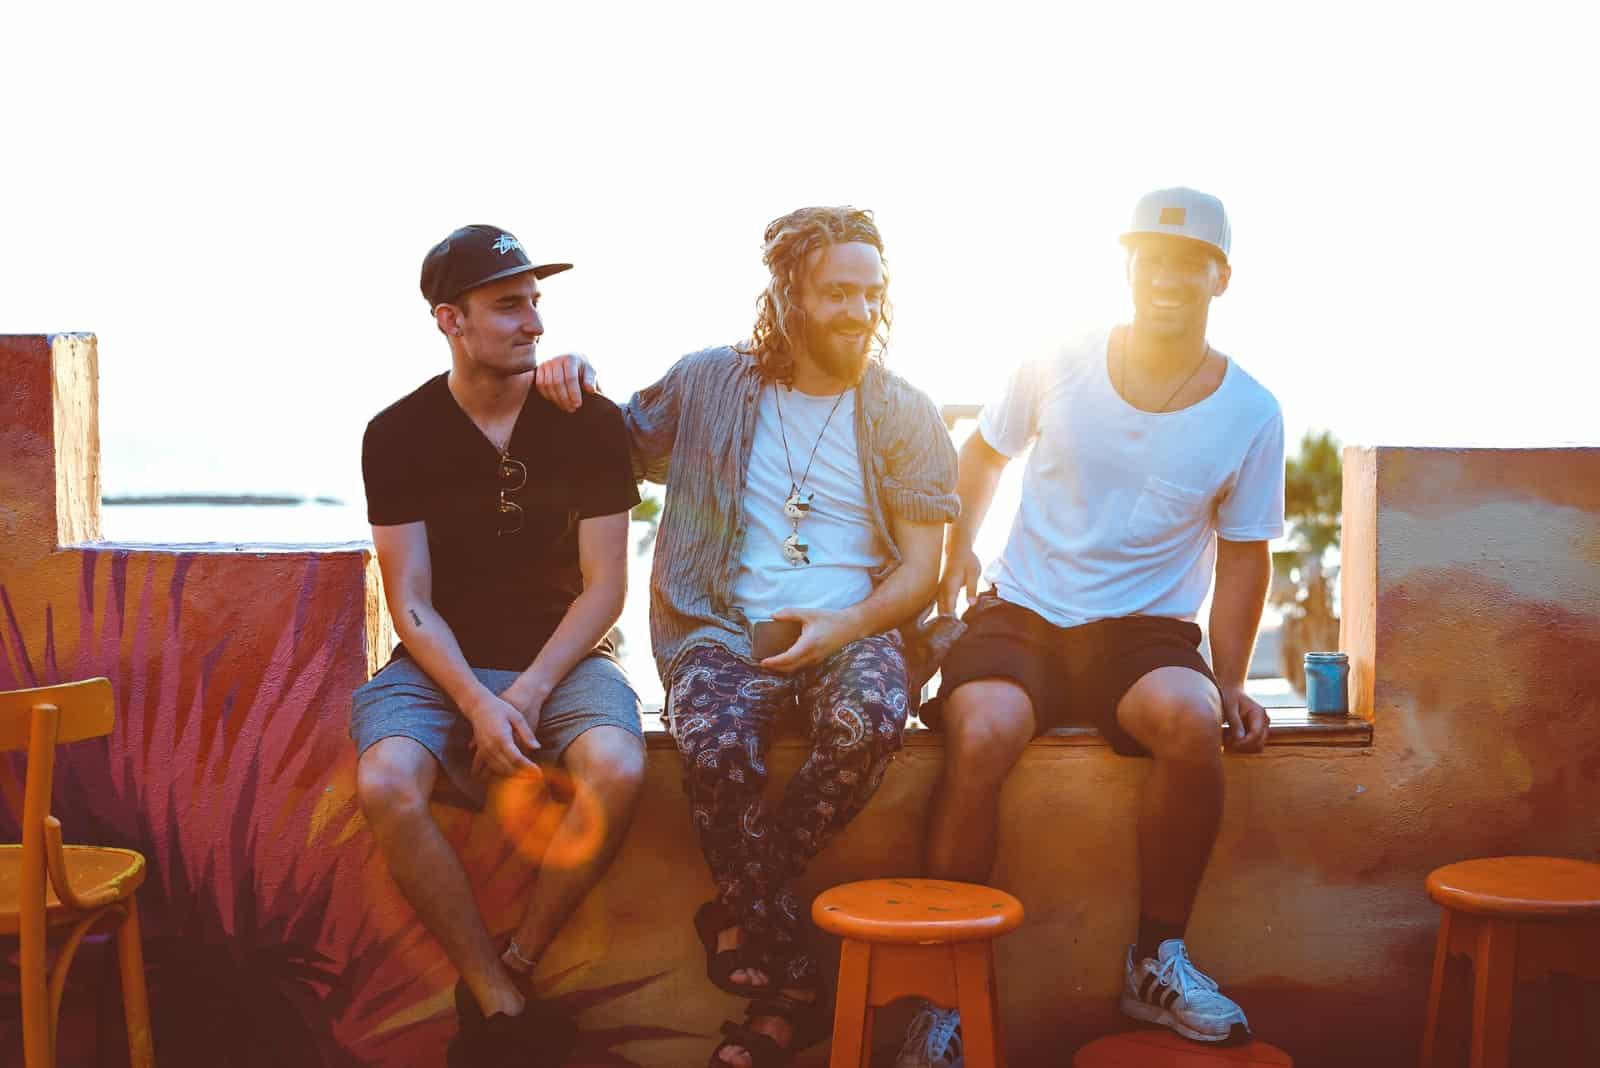 trois hommes heureux assis sur une véranda pendant la journée